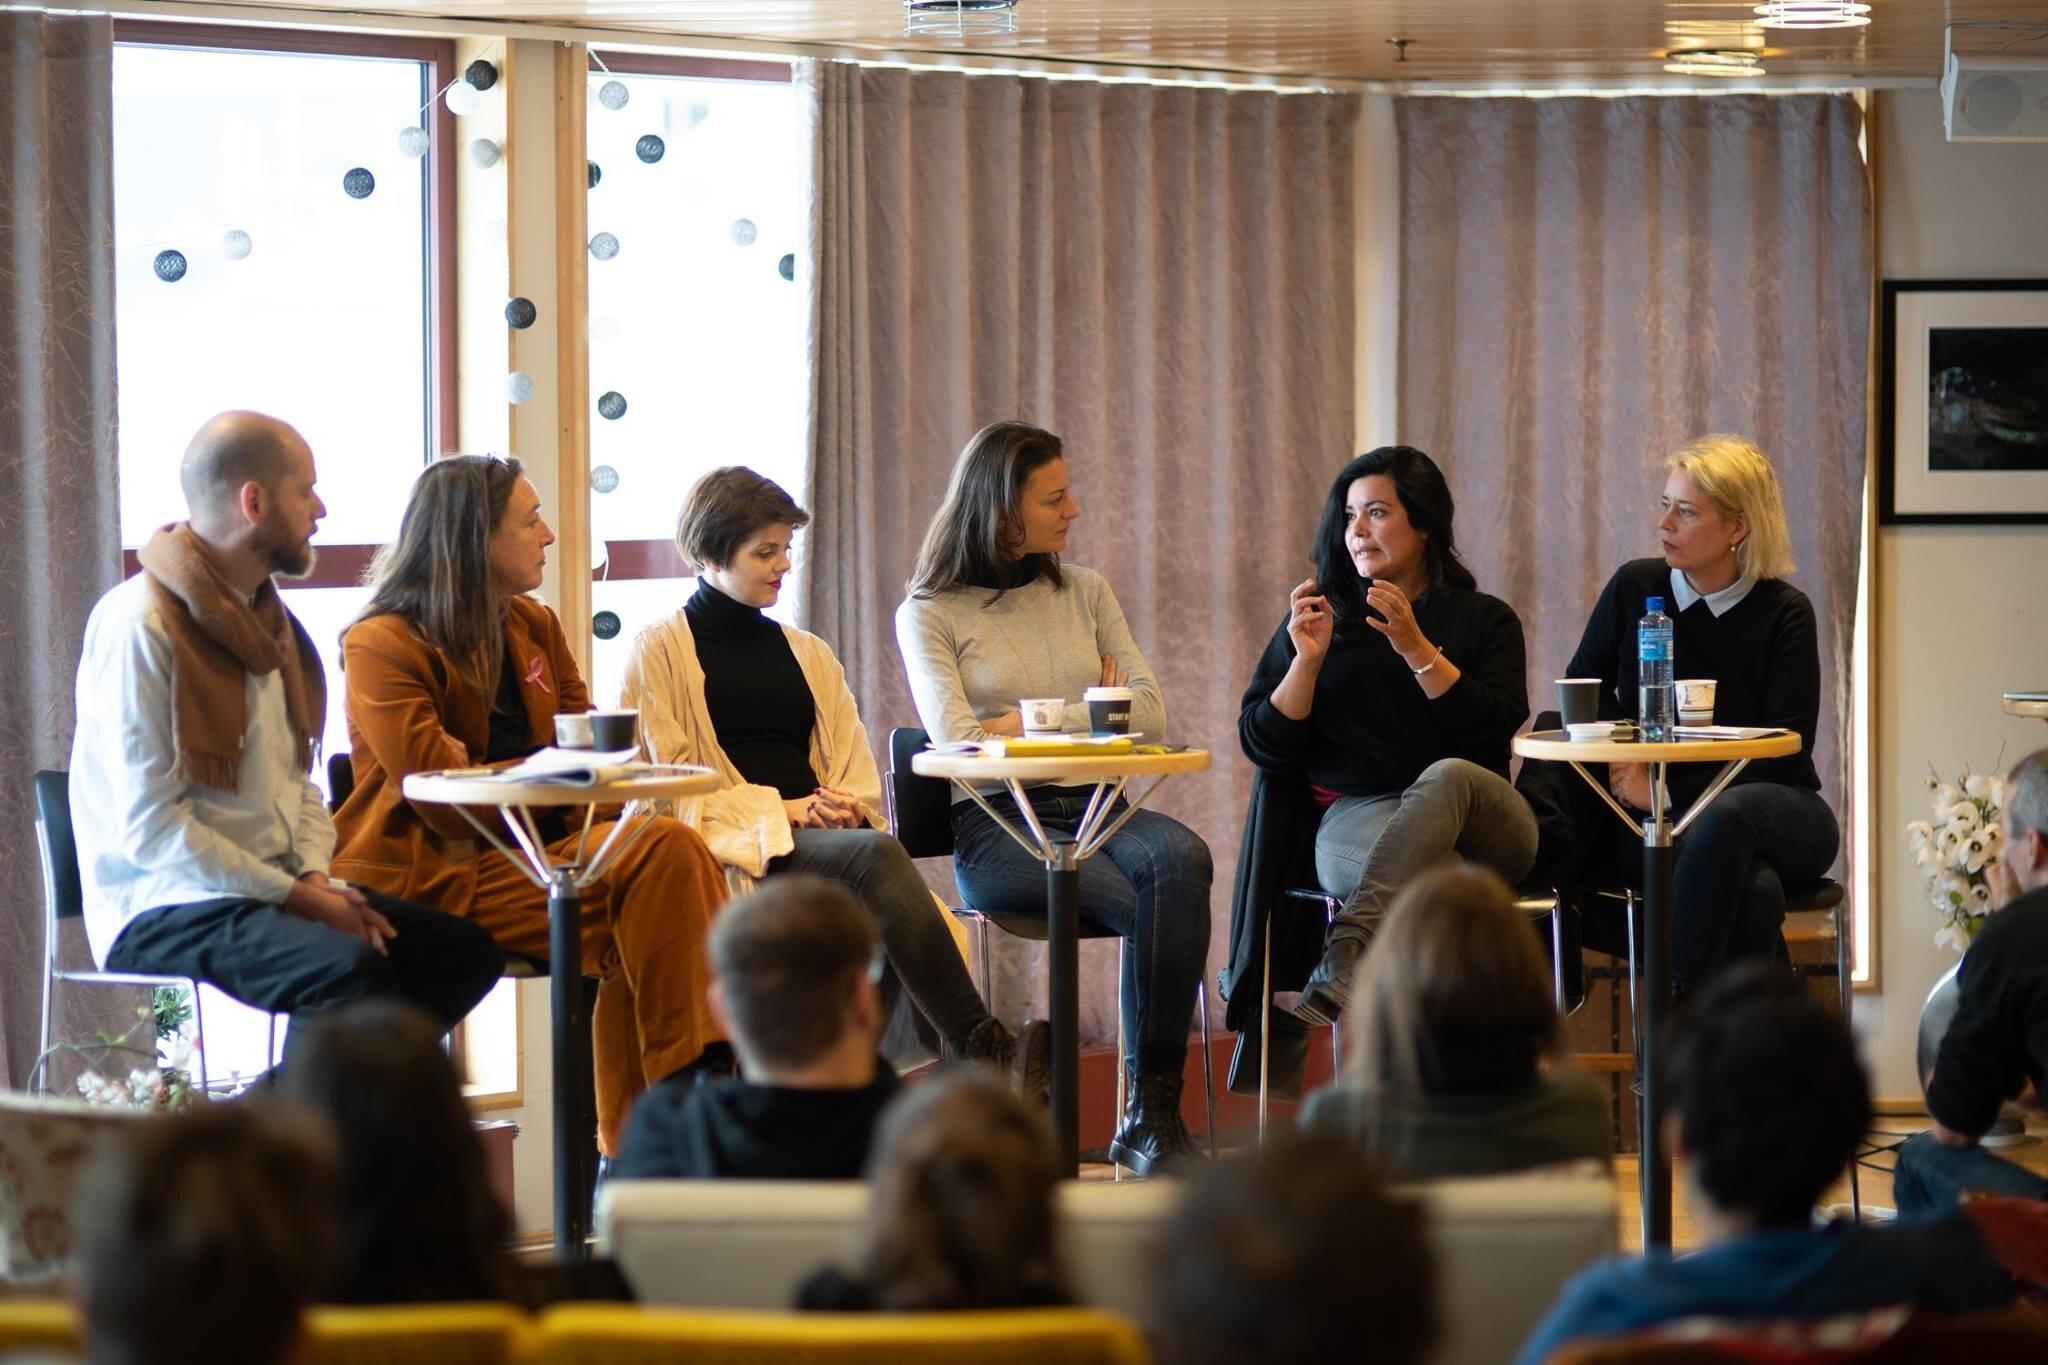 Fra paneldiskusjonen på AMIFF 2018. Fra venstre Mike Sperlinger, Sabrina van der Ley, Ingeborg LIndahl, Vanina Saracino, Daniela Arriado, Helga Marie Nordby